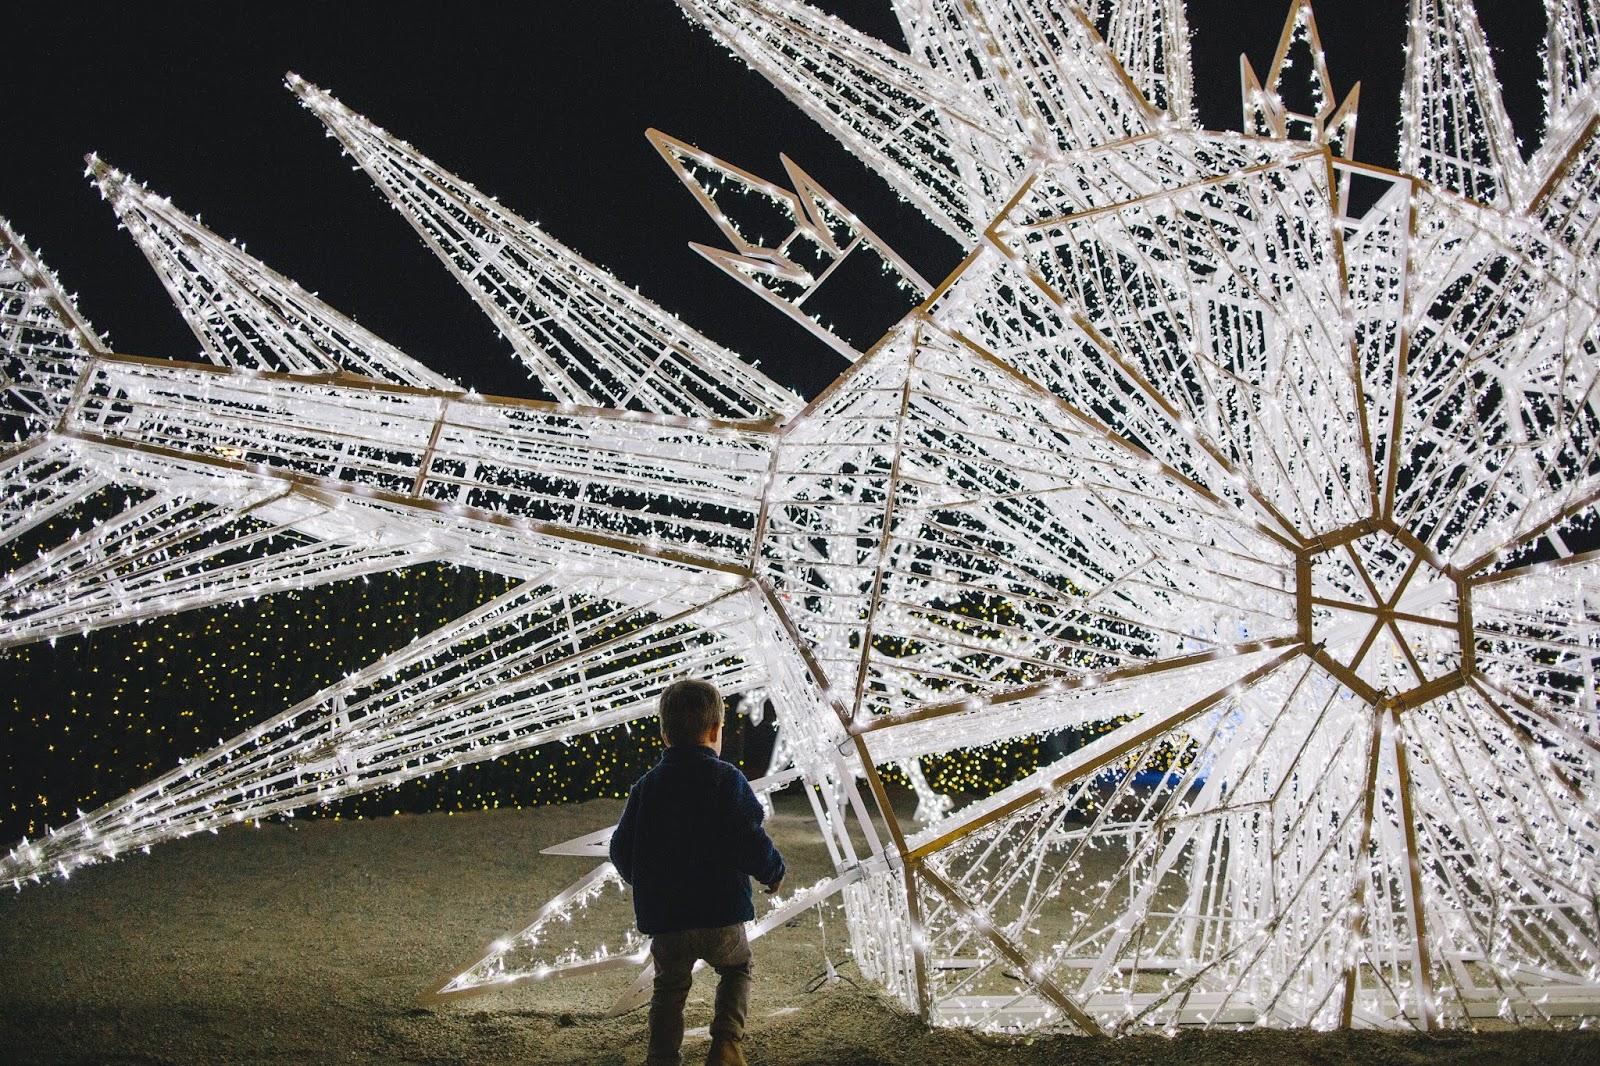 Enchant Christmas.Eat Play Sleep Enchant Christmas At Safeco Field